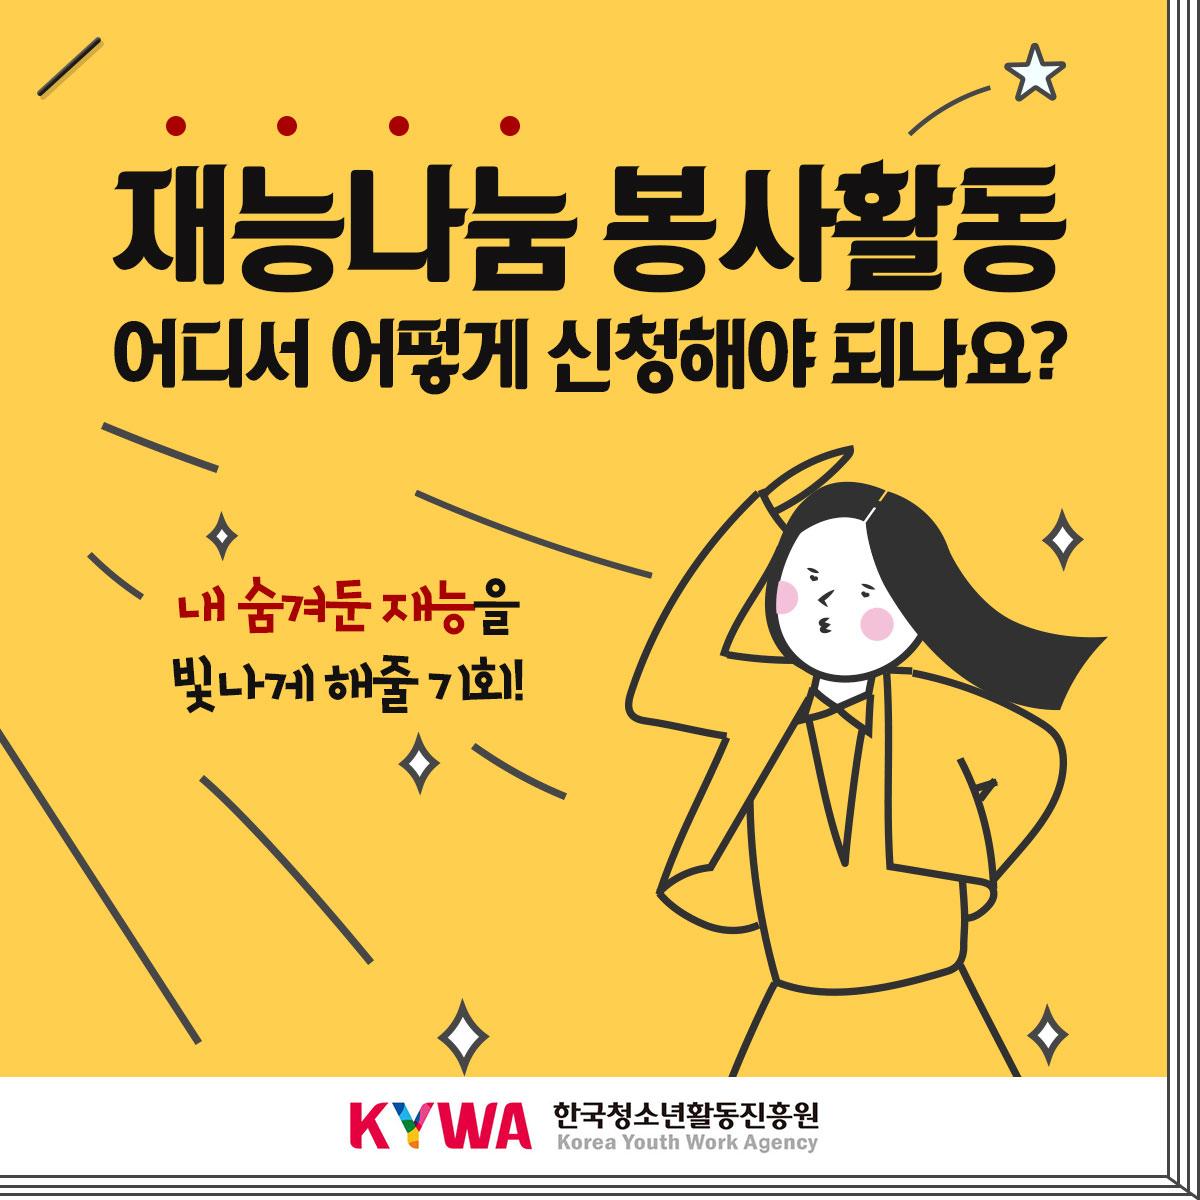 재능나눔 봉사활동 어디서 어떻게 신청해야 되나요 카드뉴스1_이미지 글은 아래 게시글 내용 참고바랍니다.